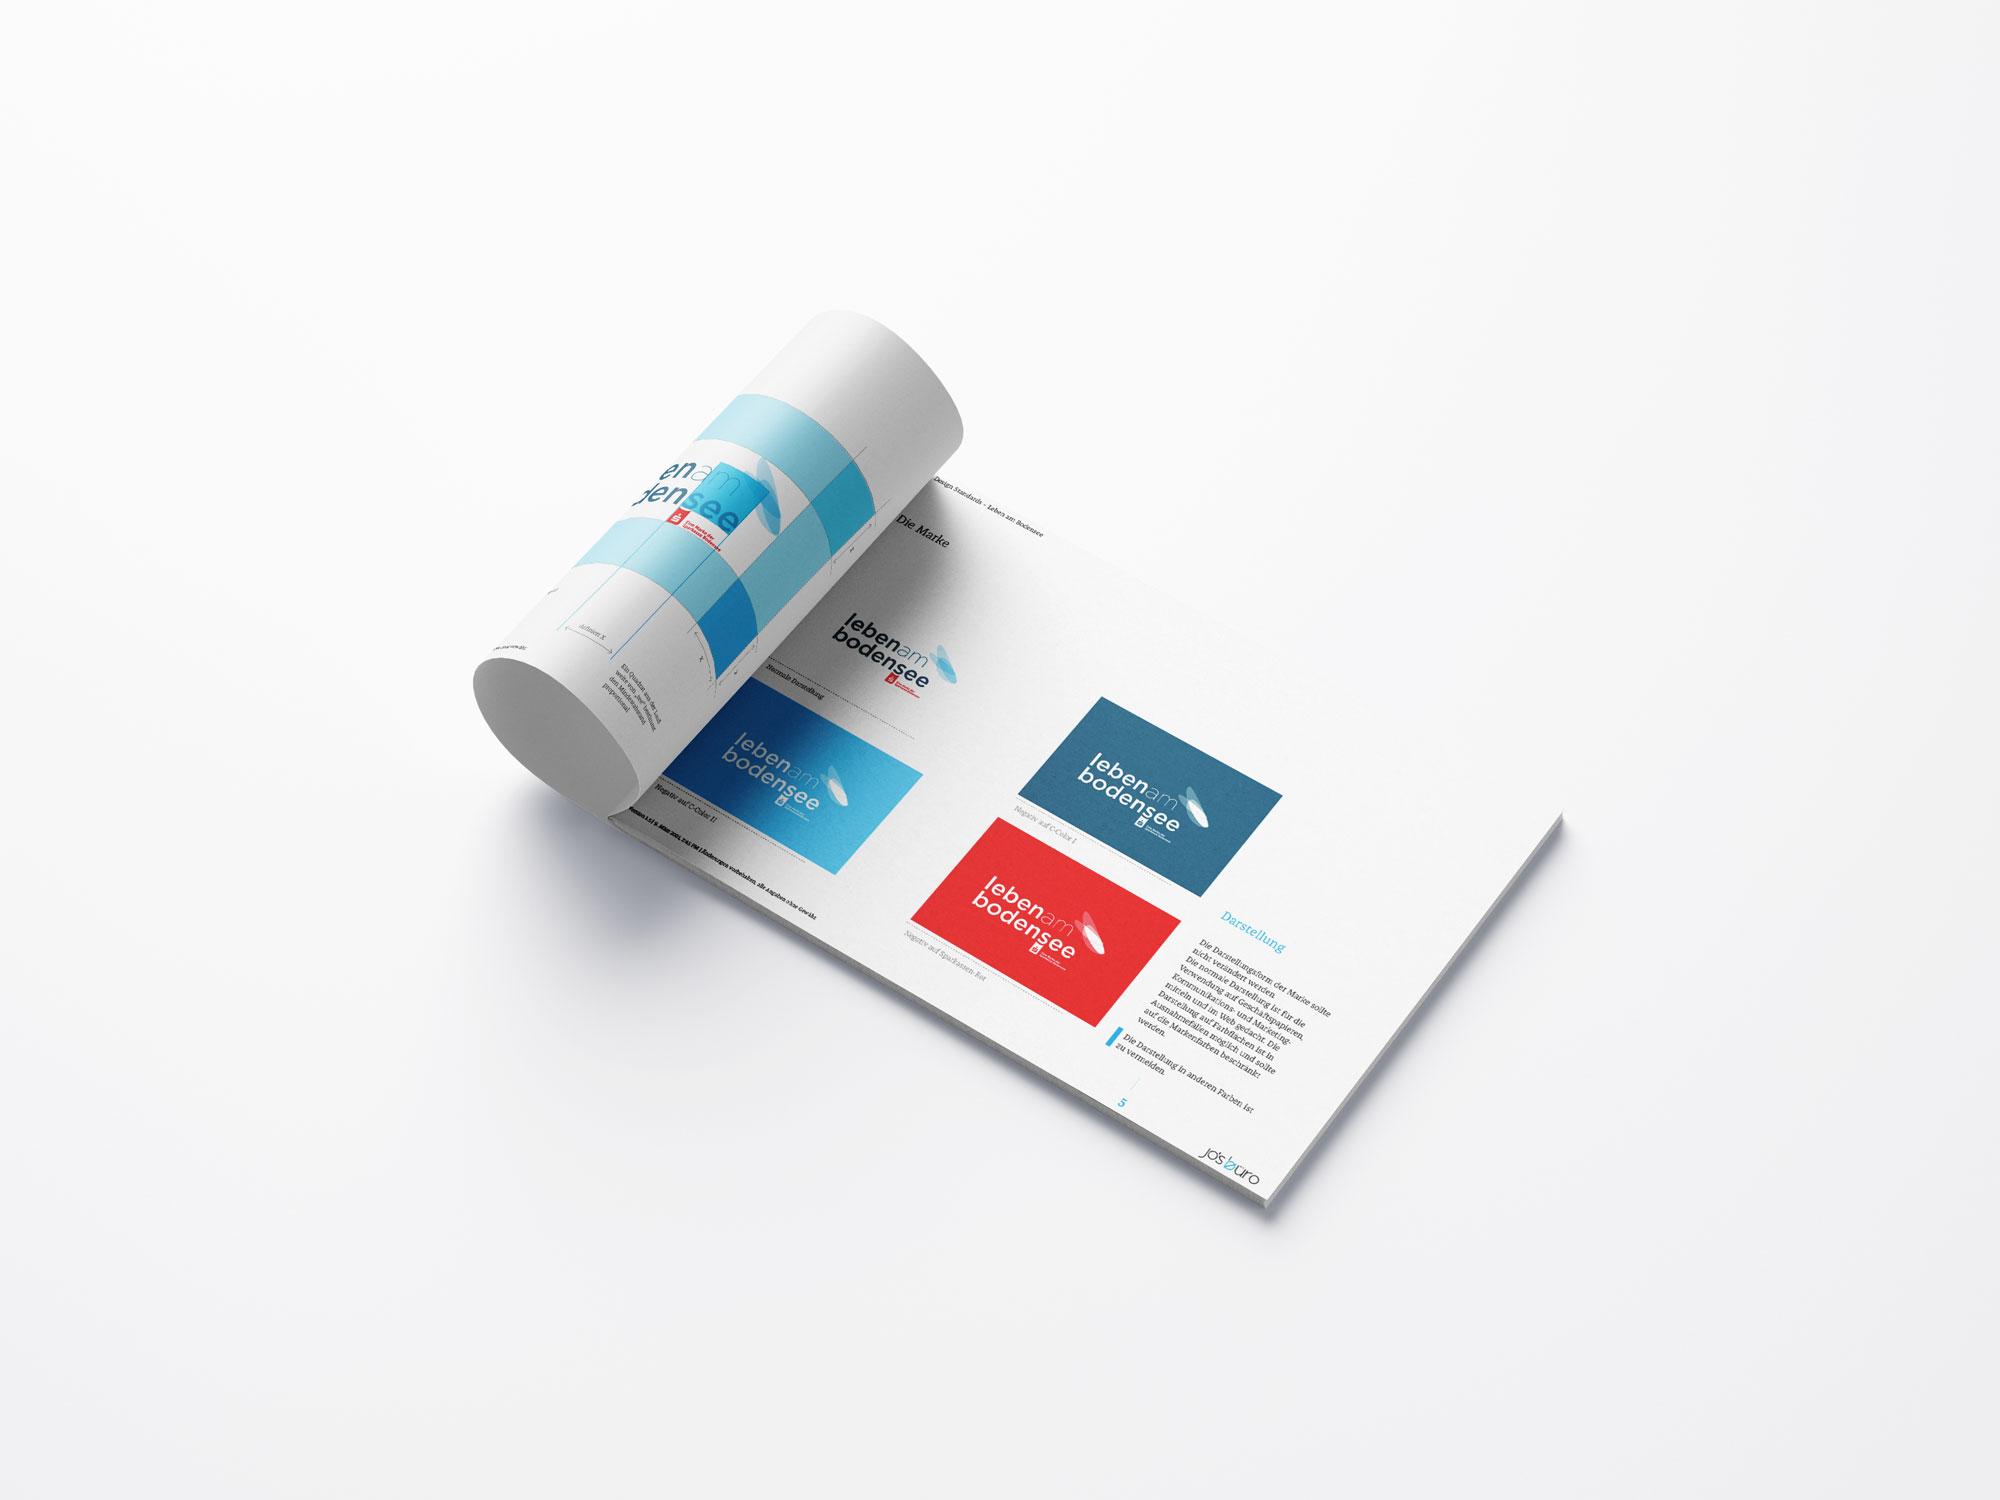 Marke und Marketing im Corporate Design